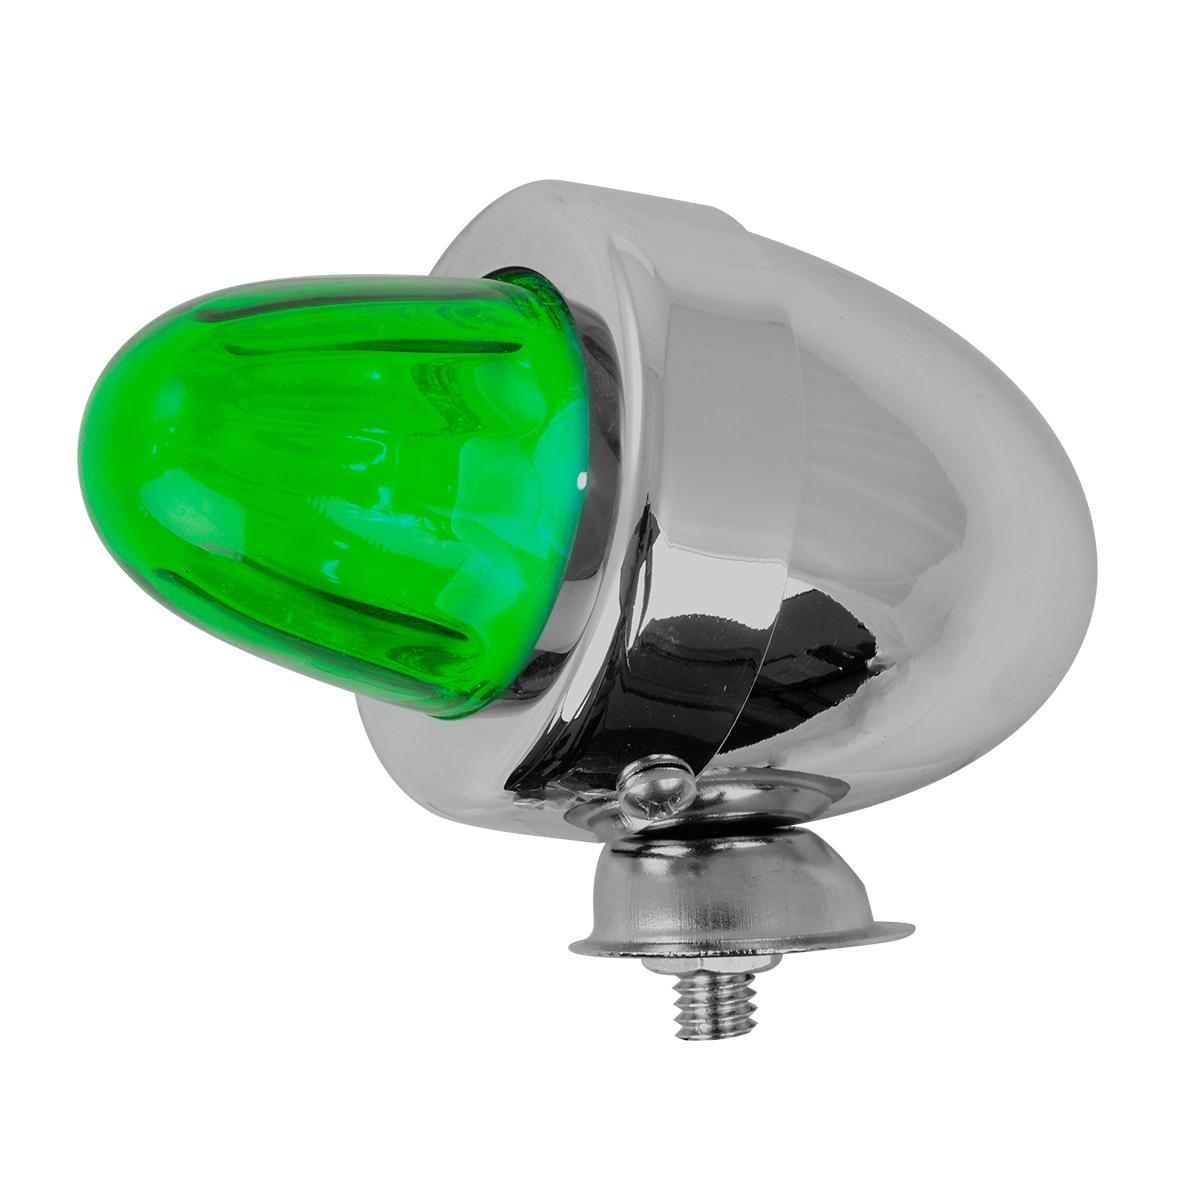 #80483 Bullet Shape Marker Light with Green Glass Lens